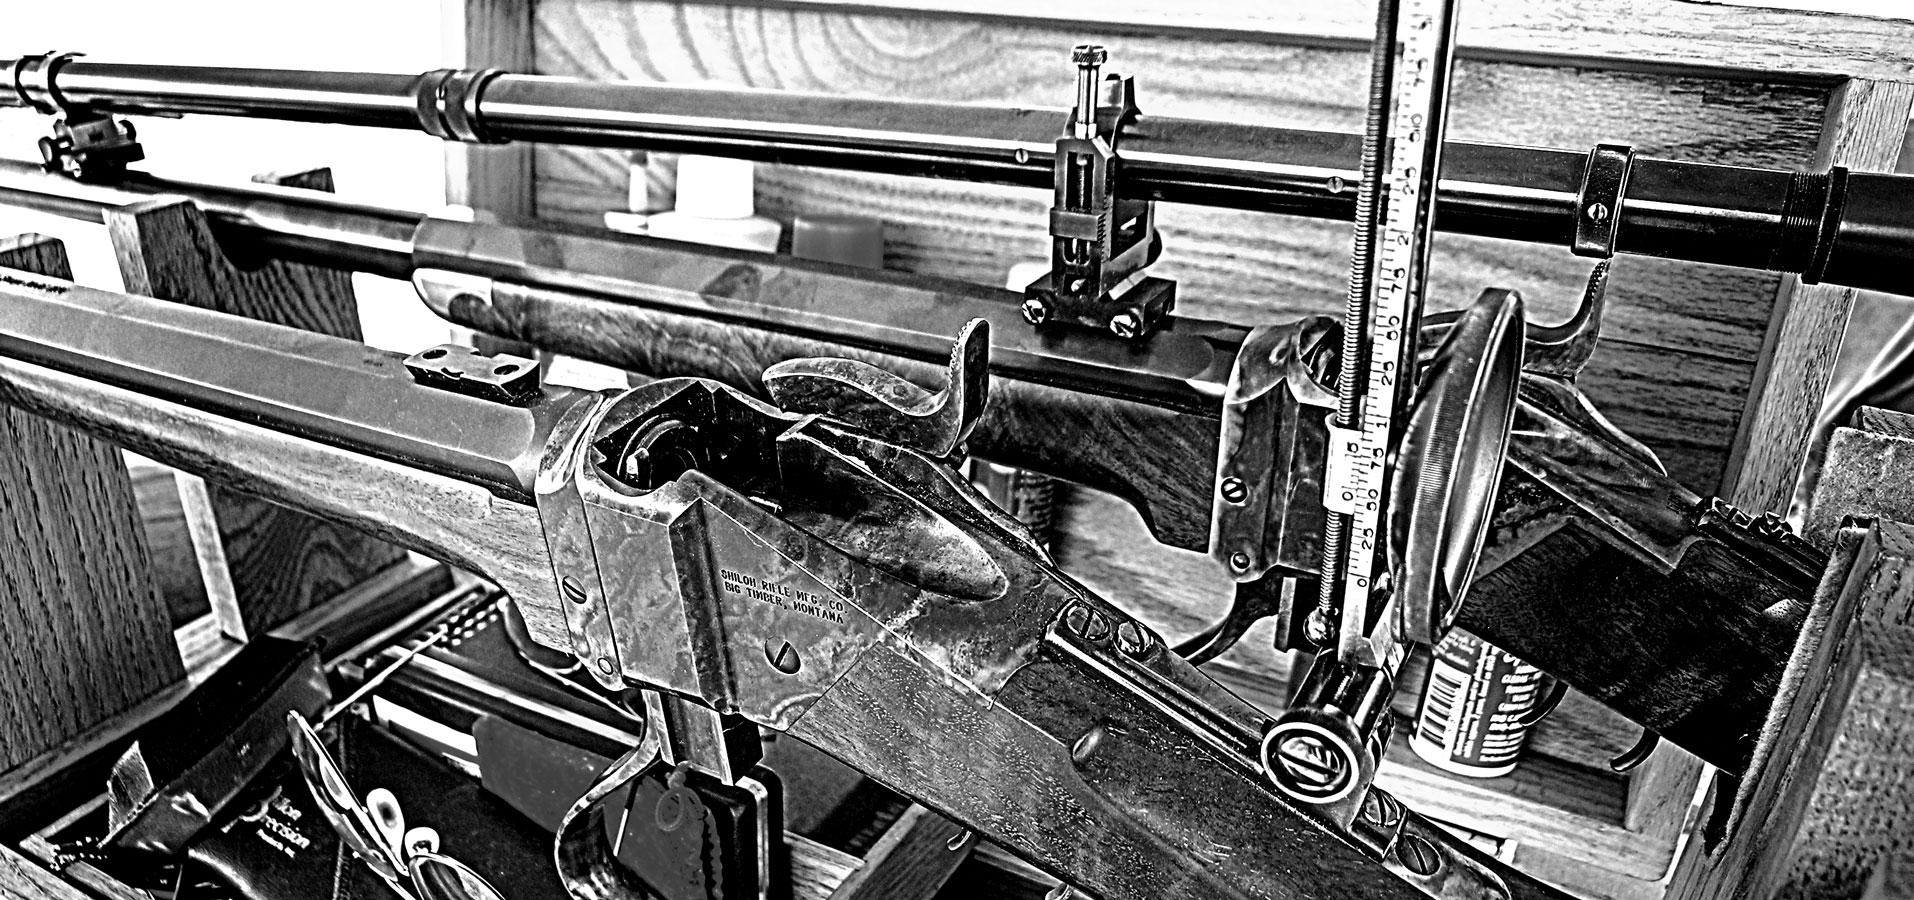 gunboxgray